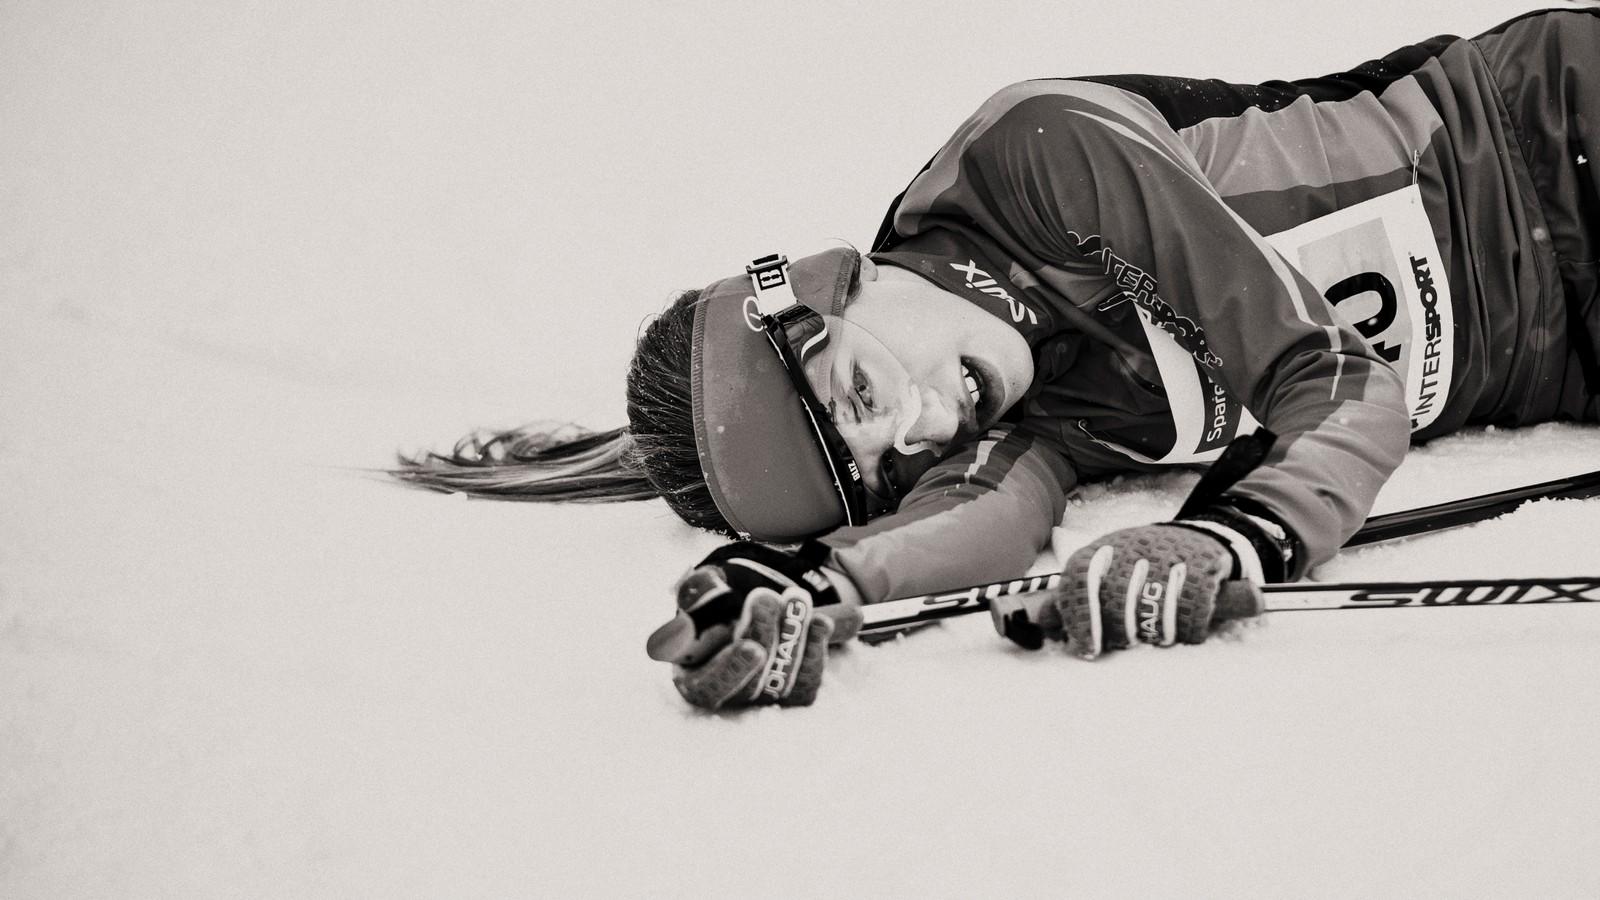 3. plass Sport: Richard Sagen, Adresseavisen.  All in på Enern: Det er selvsagt ingen som i fullt alvor kan hevde å ha gitt alt på Skienern i Oppdal, og samtidig makte å stå oppreist etter målpassering.